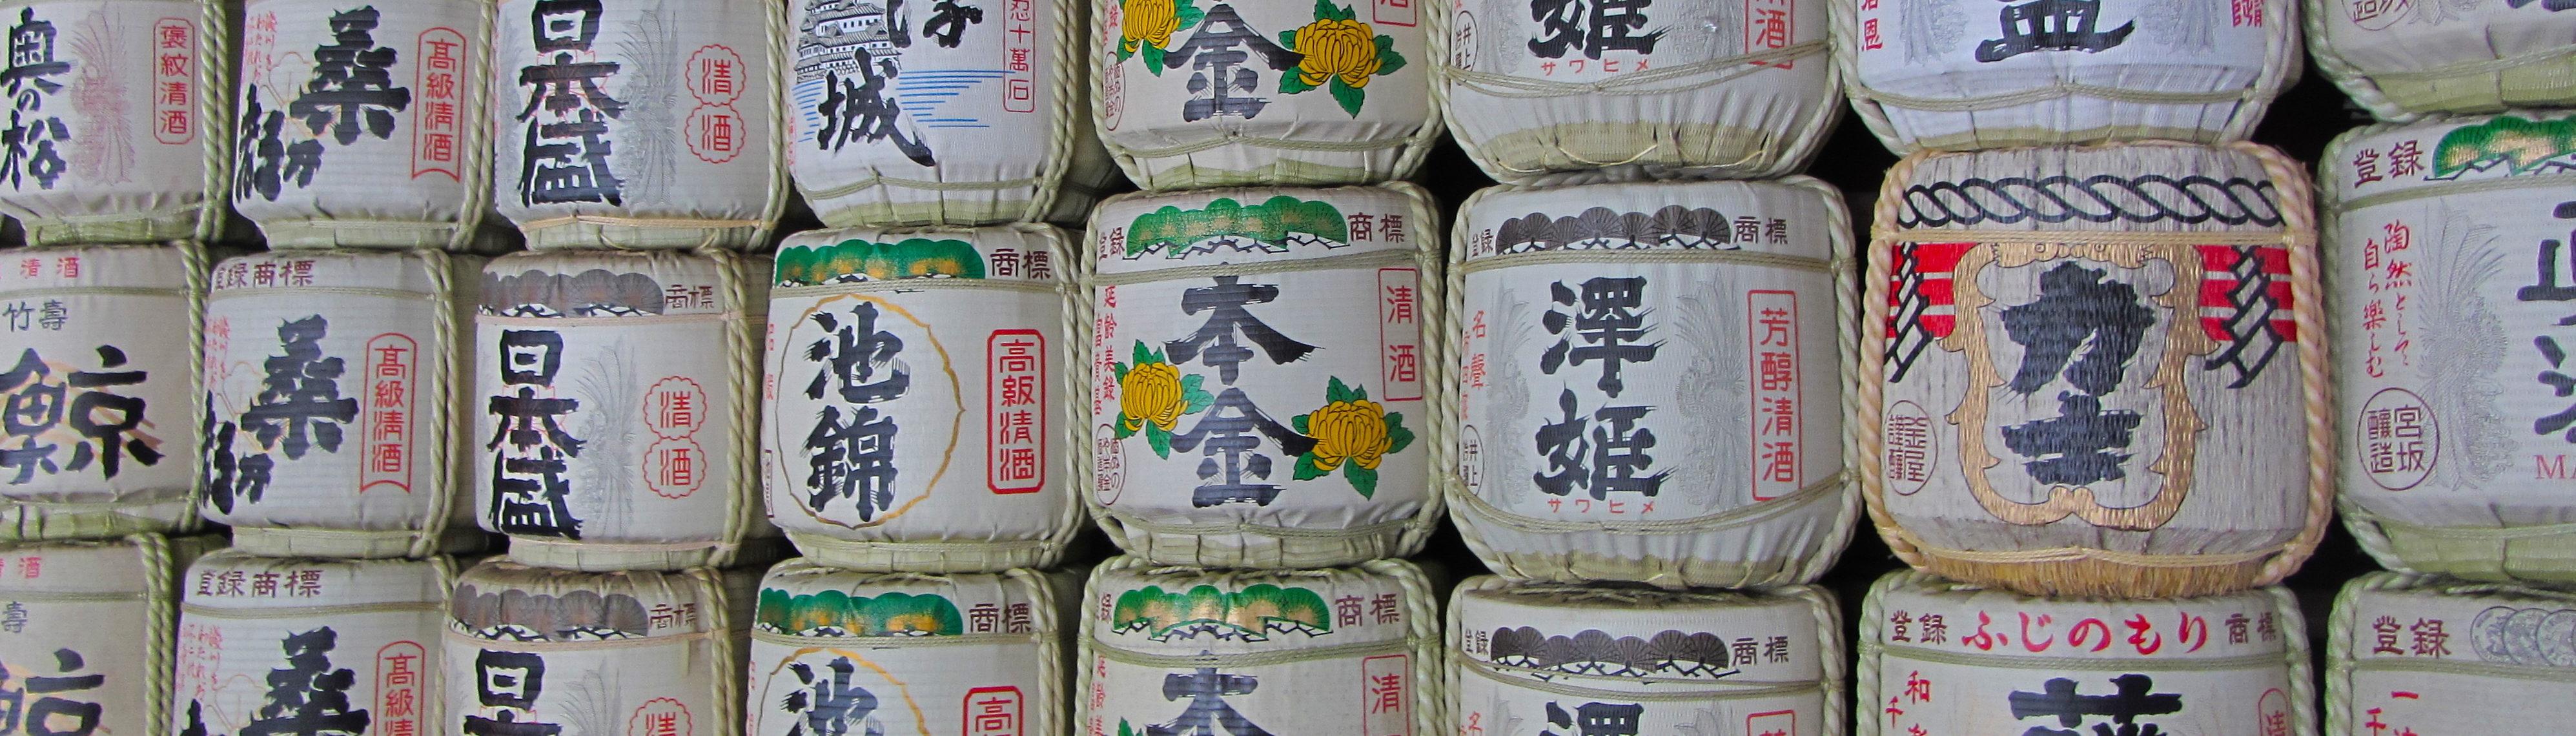 Nikko-Toshogu-sake-e1518443673219